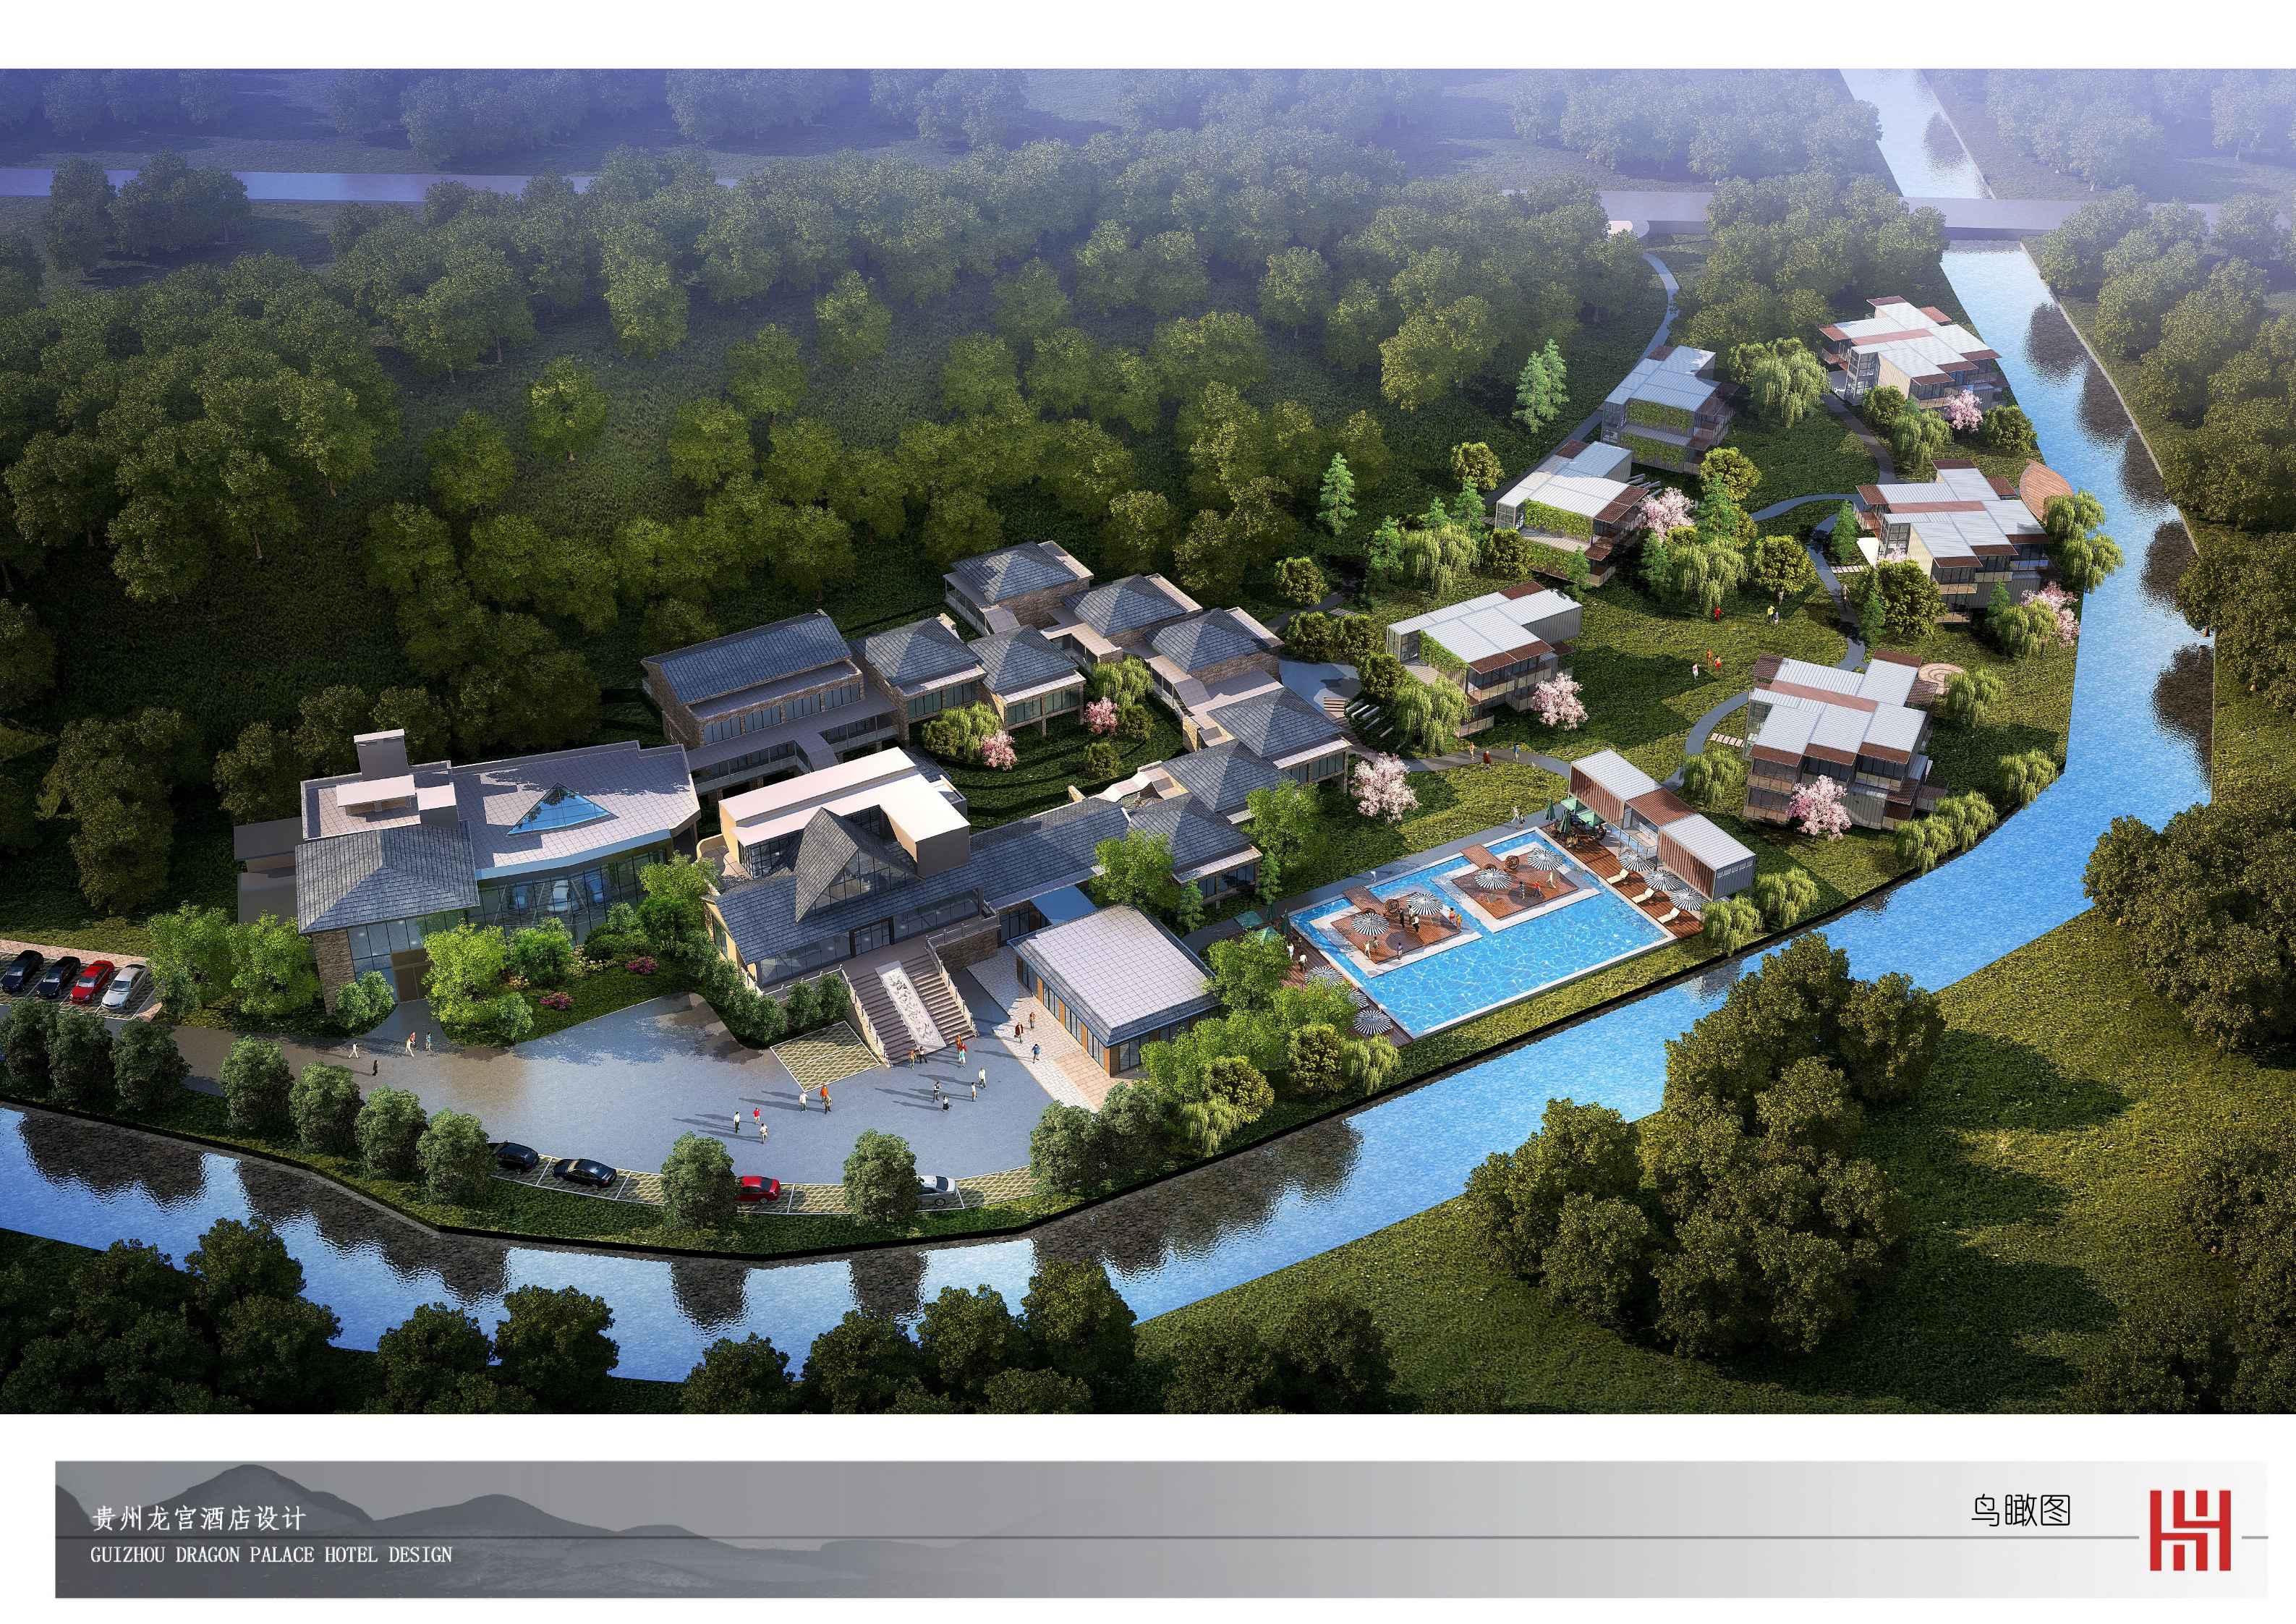 贵州之奇建筑工程有限公司